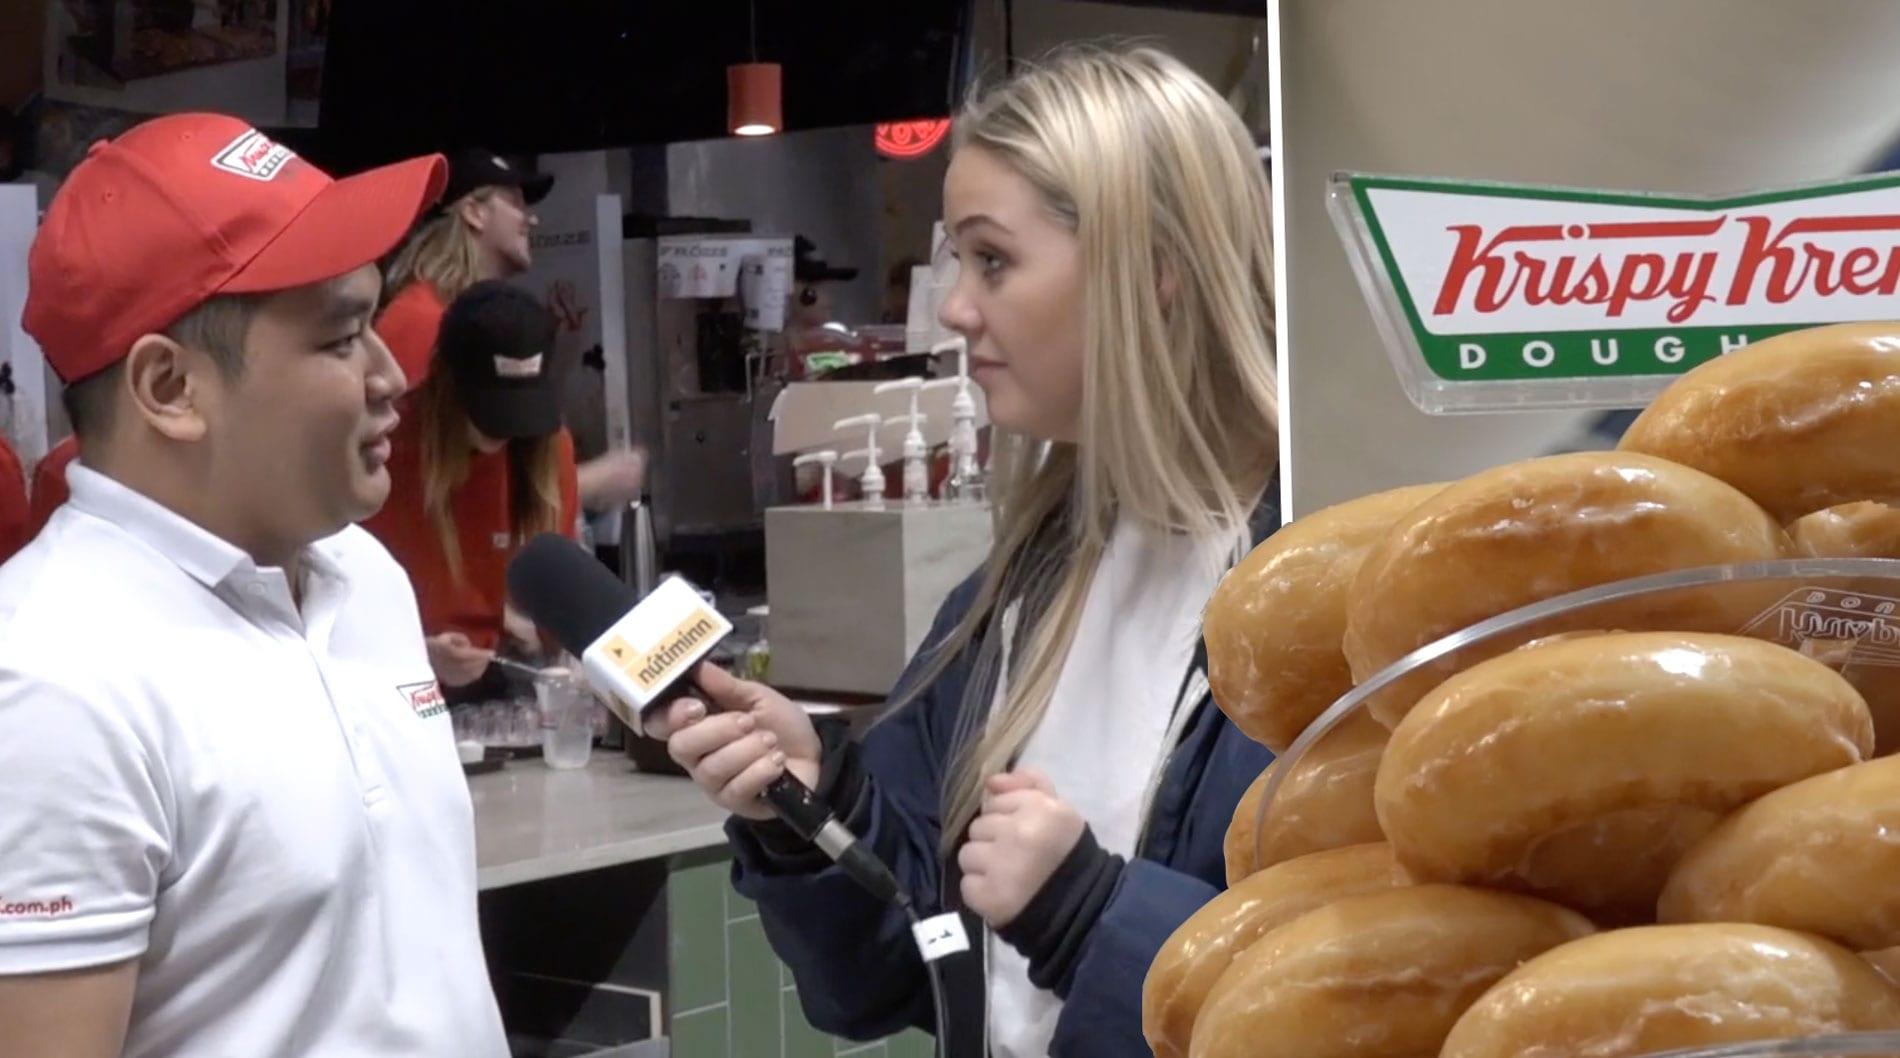 Myndband: Michael Jordan bakar Krispy Kreme-kleinuhringi í Smáralind